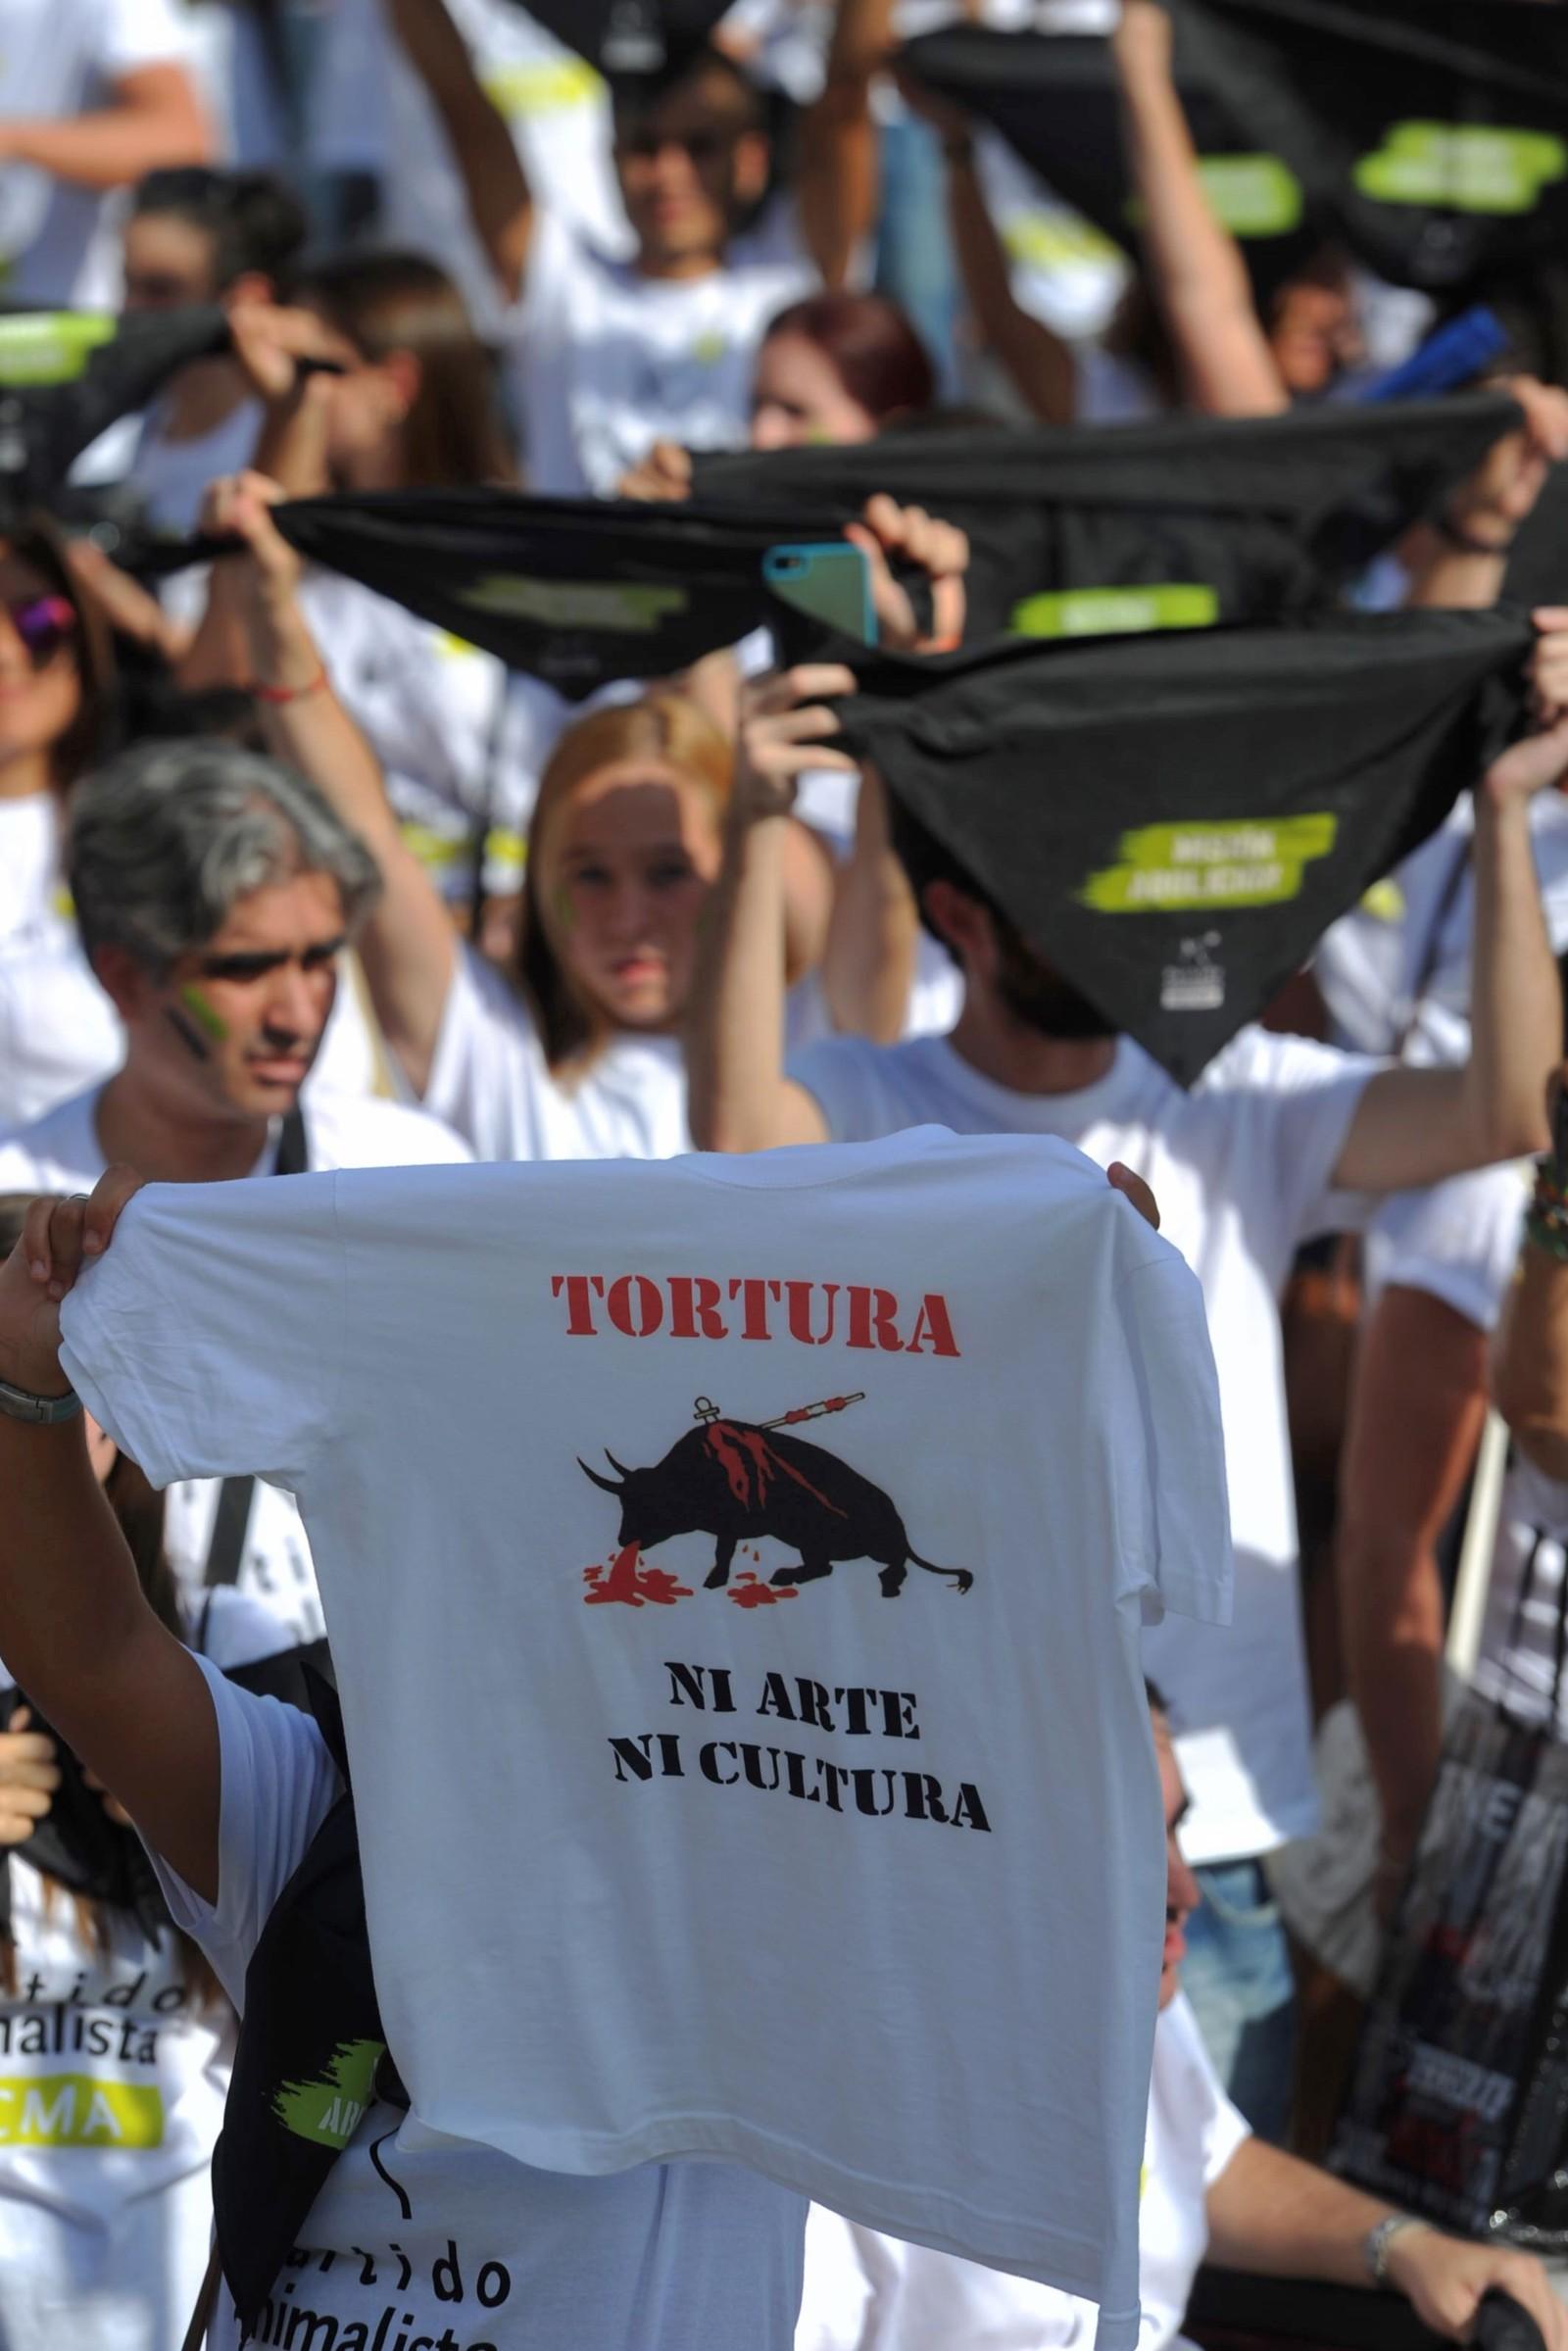 Tortur, ikkje kunst eller kultur, står det på denne T-skjorta.